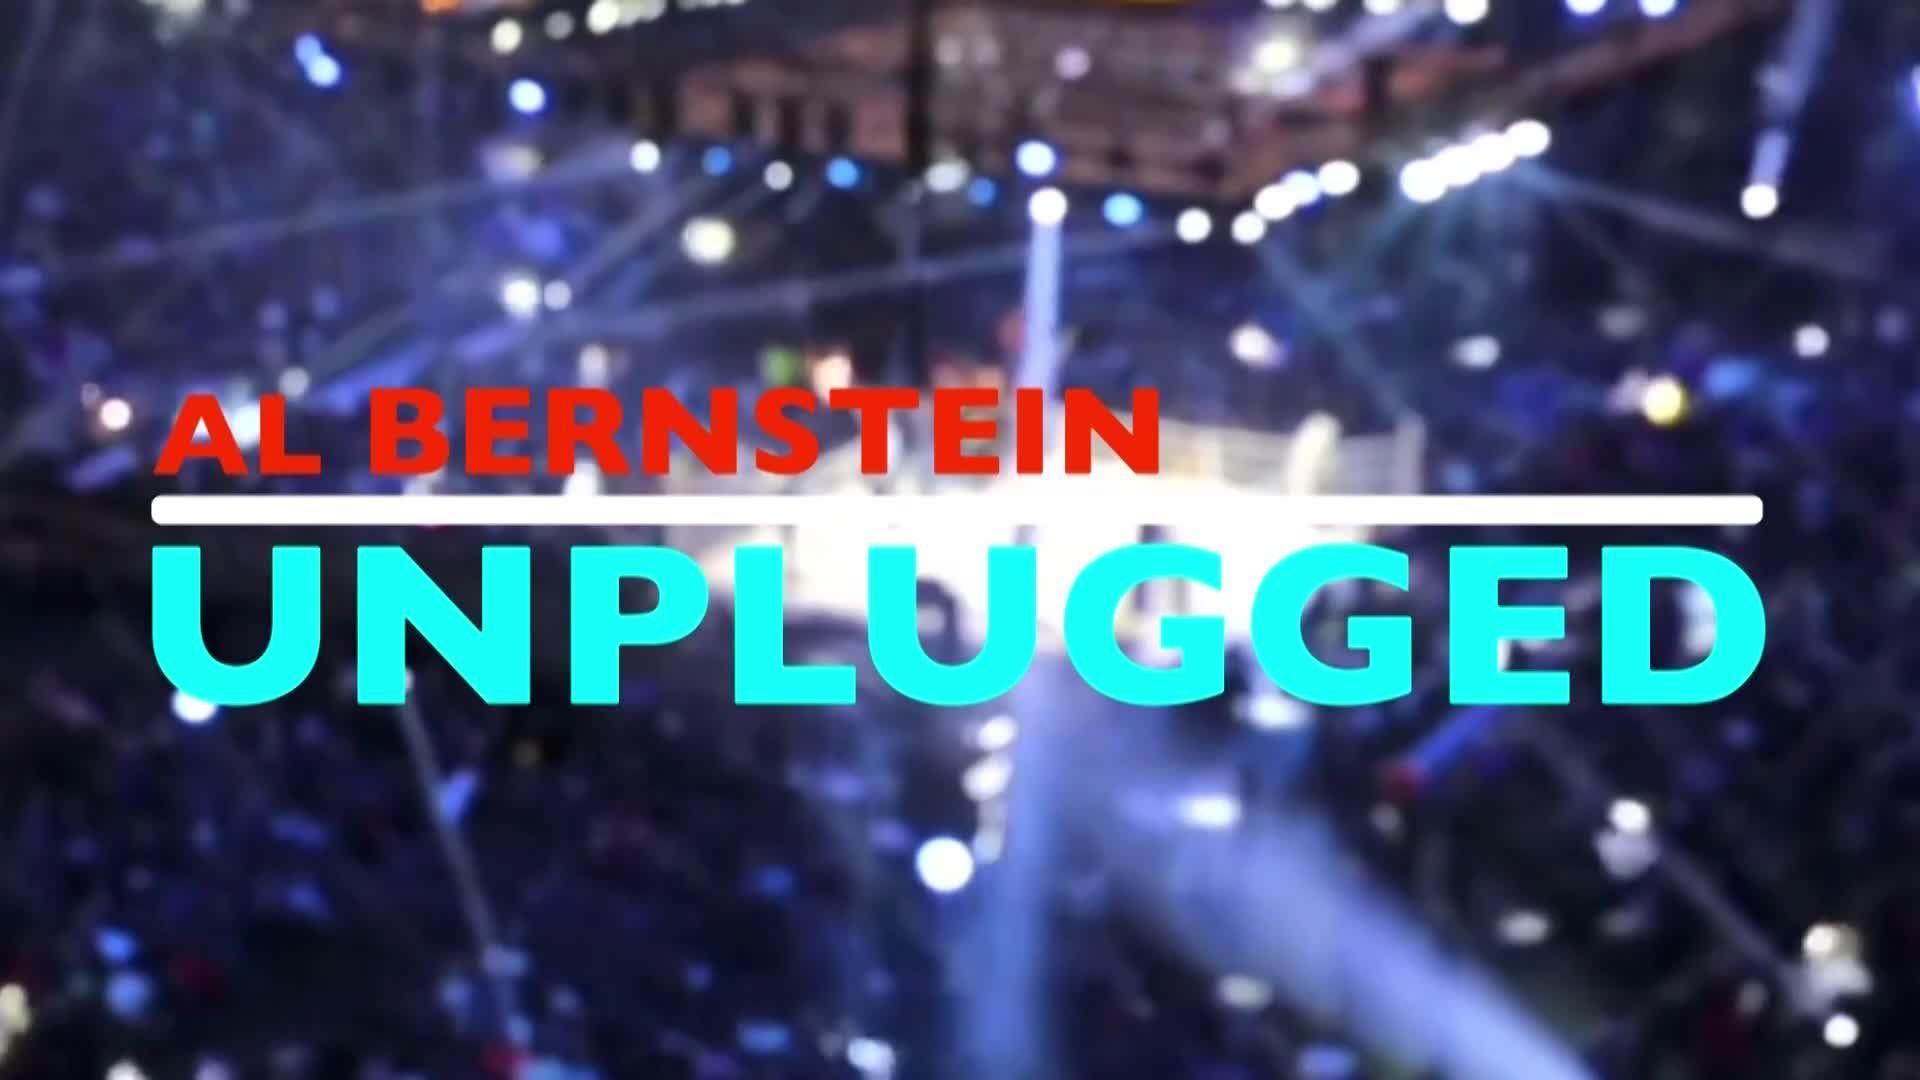 Al Bernstein Unplugged: Snoop Dogg